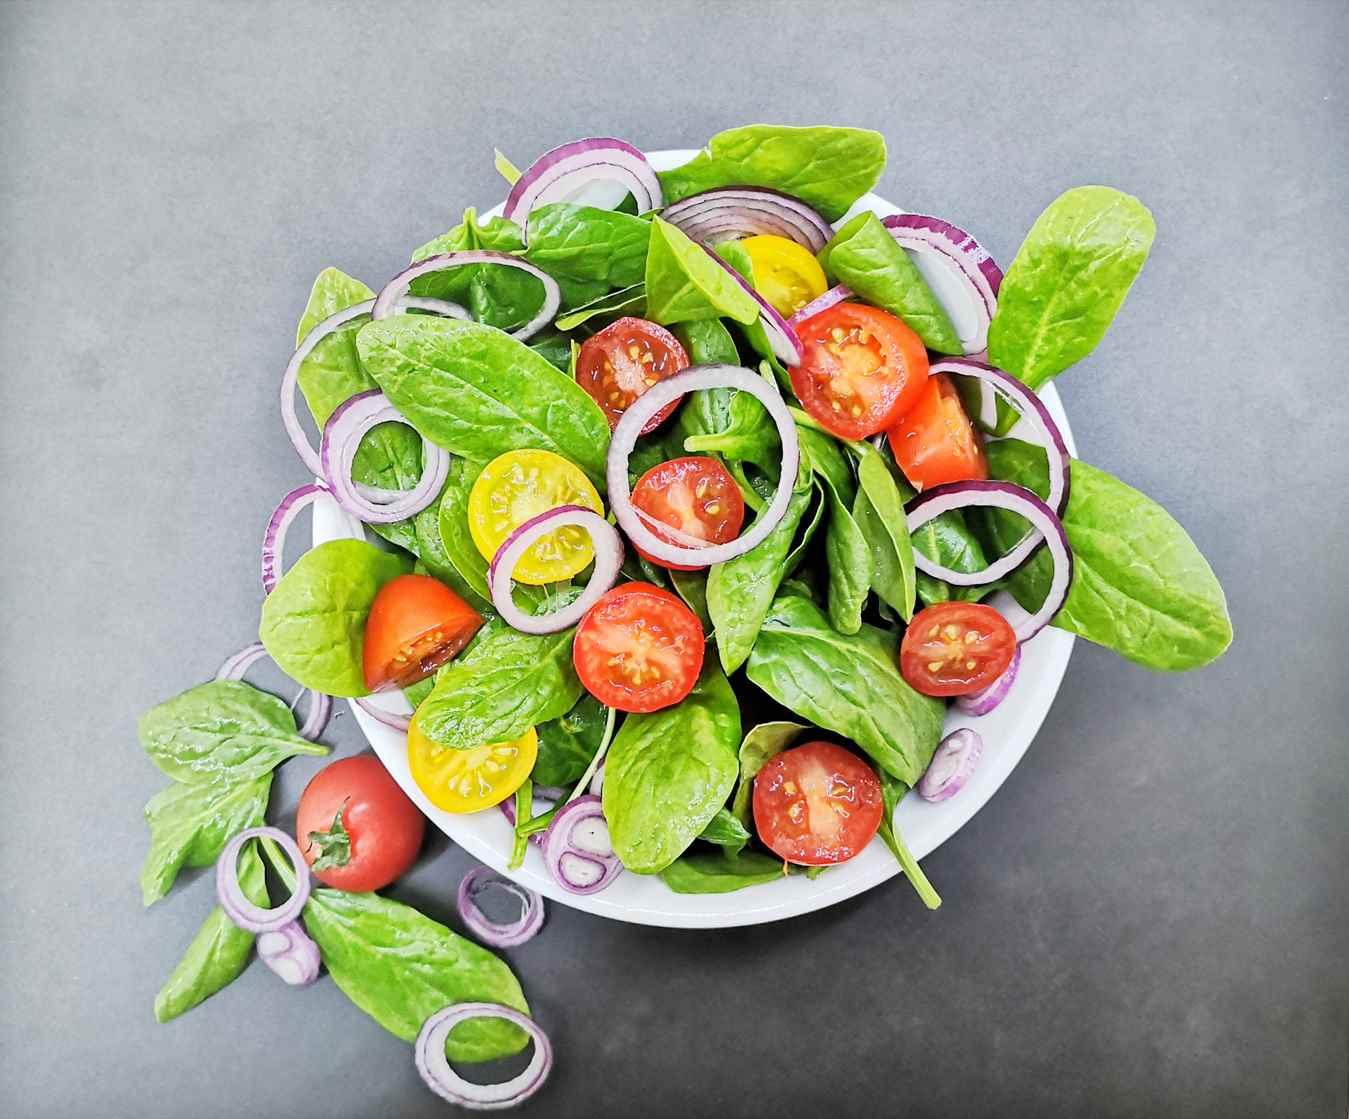 Špinatų salotos su pomidorais, mėlynaisiais svogūnais, moliūgų aliejumi